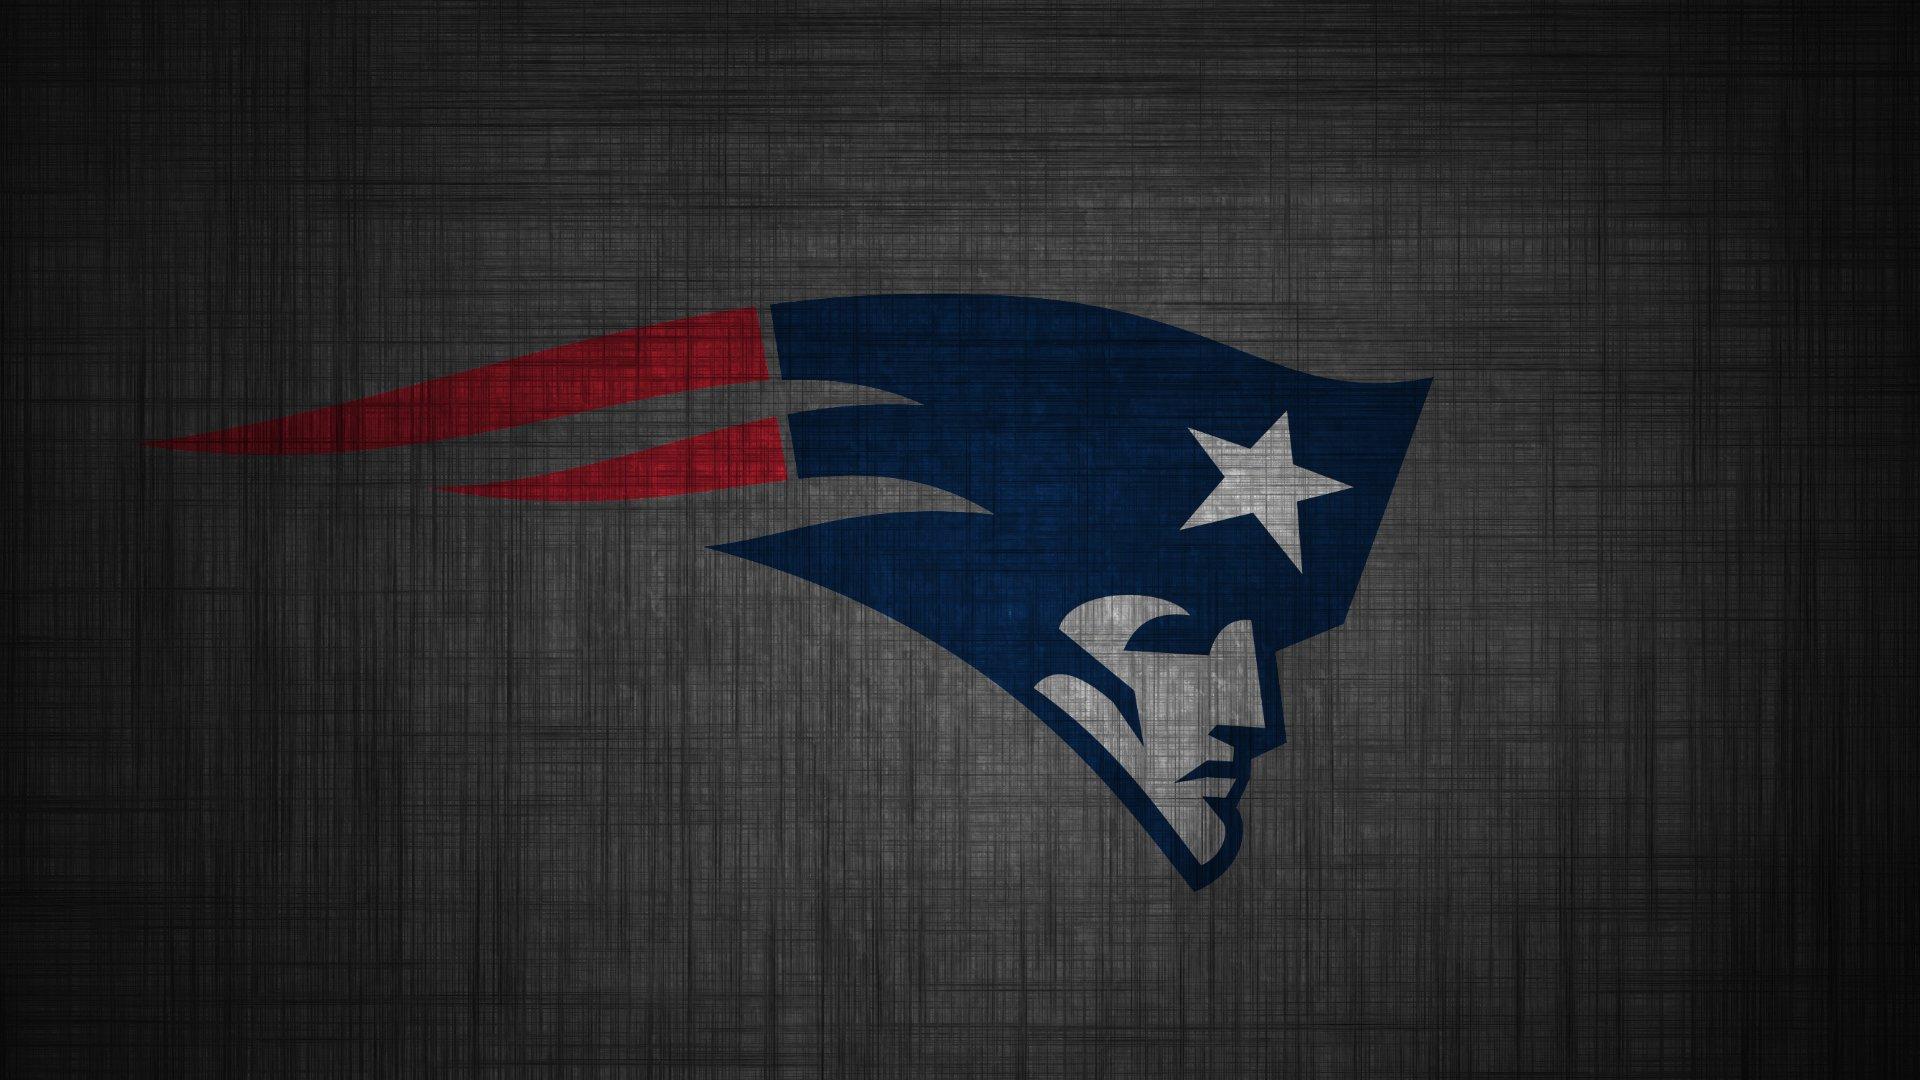 New England Patriots Hd Wallpaper HD Wallpapers 1920x1080